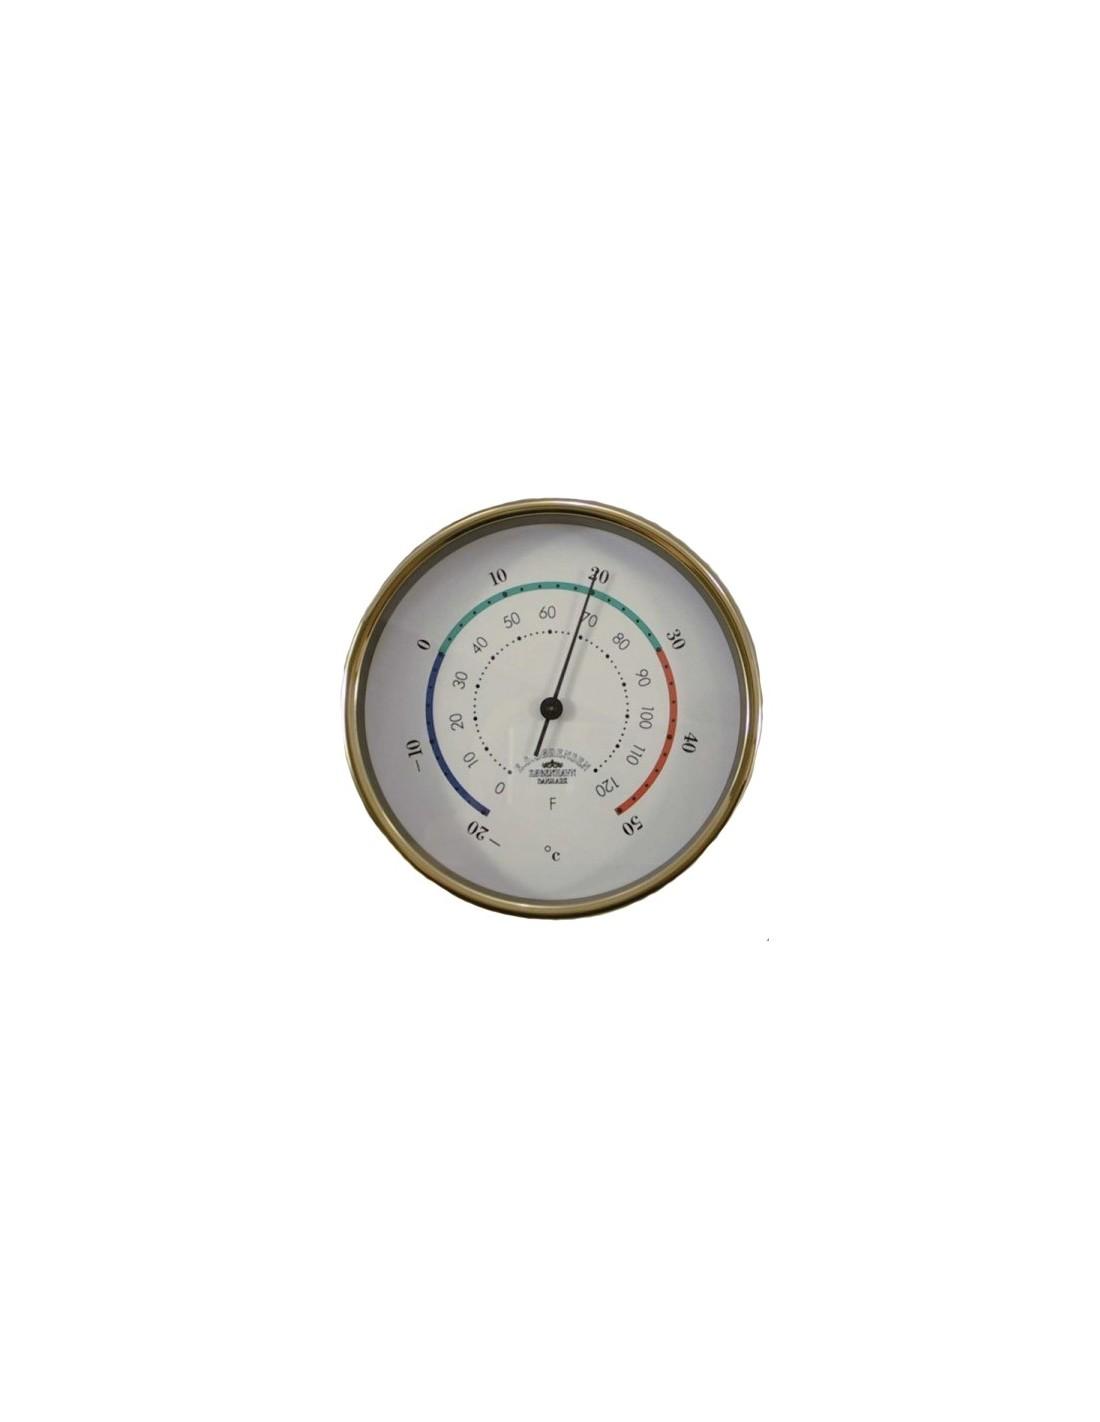 Thermometer Mini - 90 mm - Delite - Scheepsinstrumenten - 300600